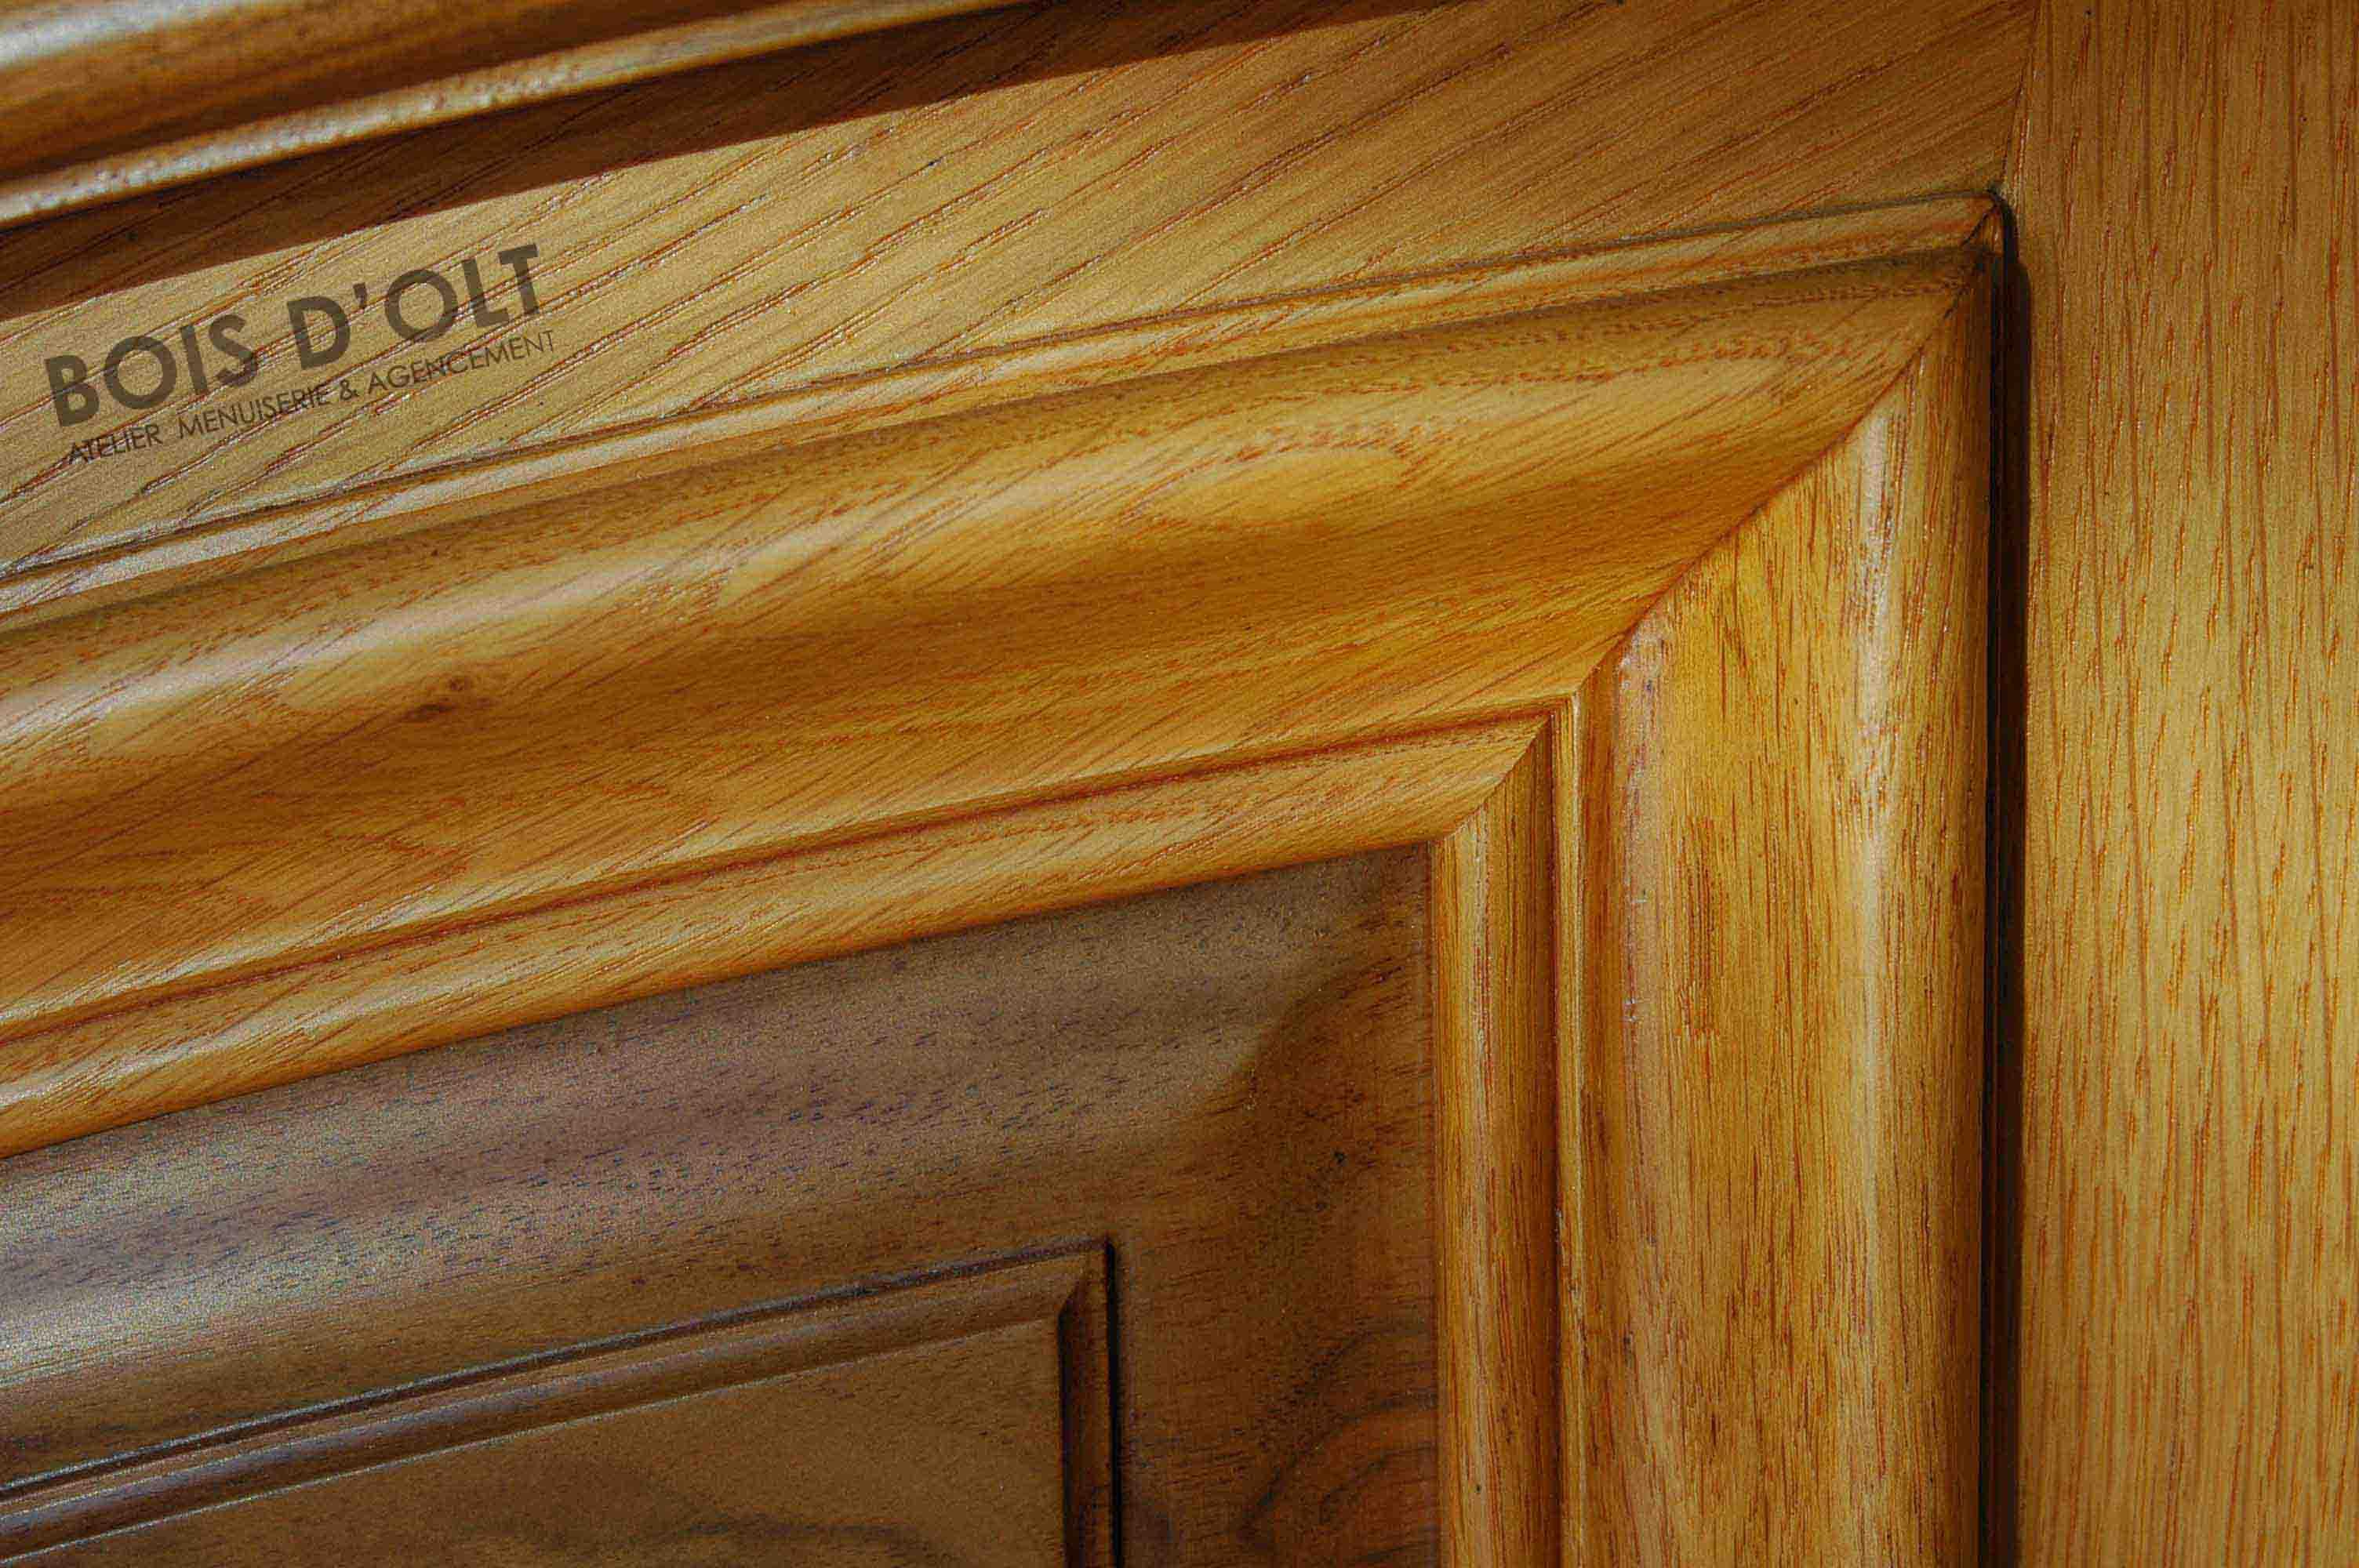 Wood détails